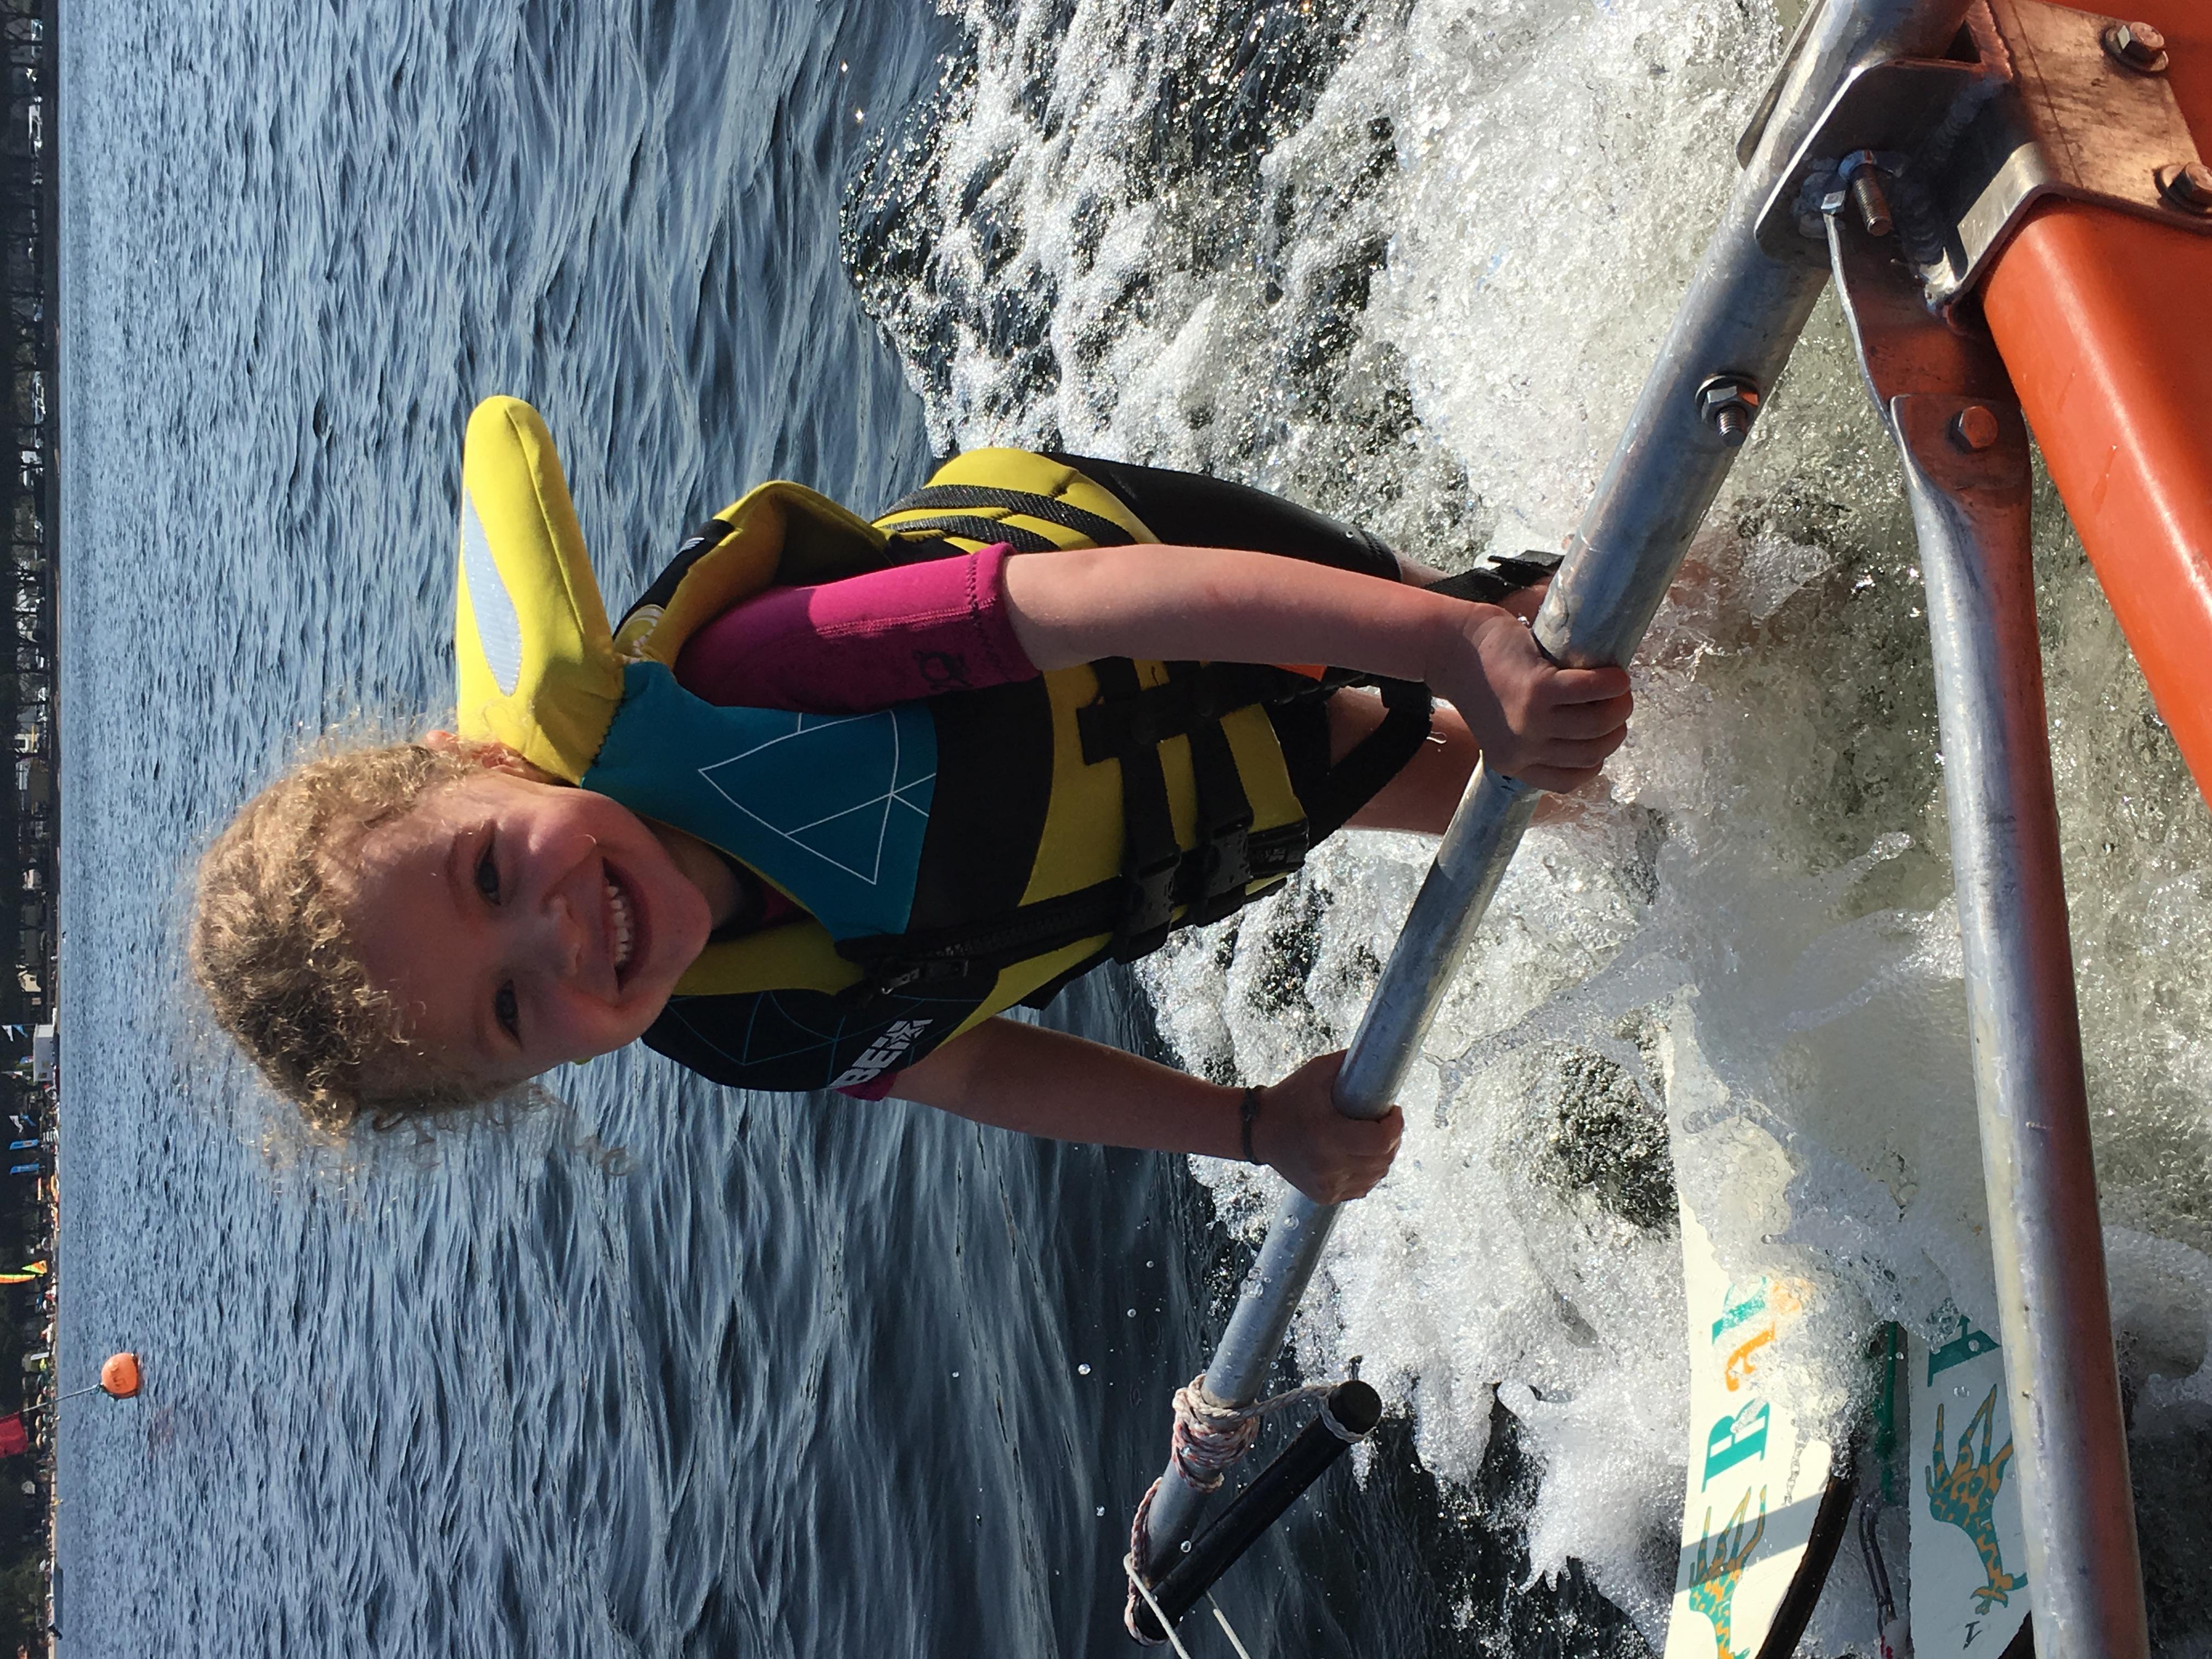 Babyski en wakeboard